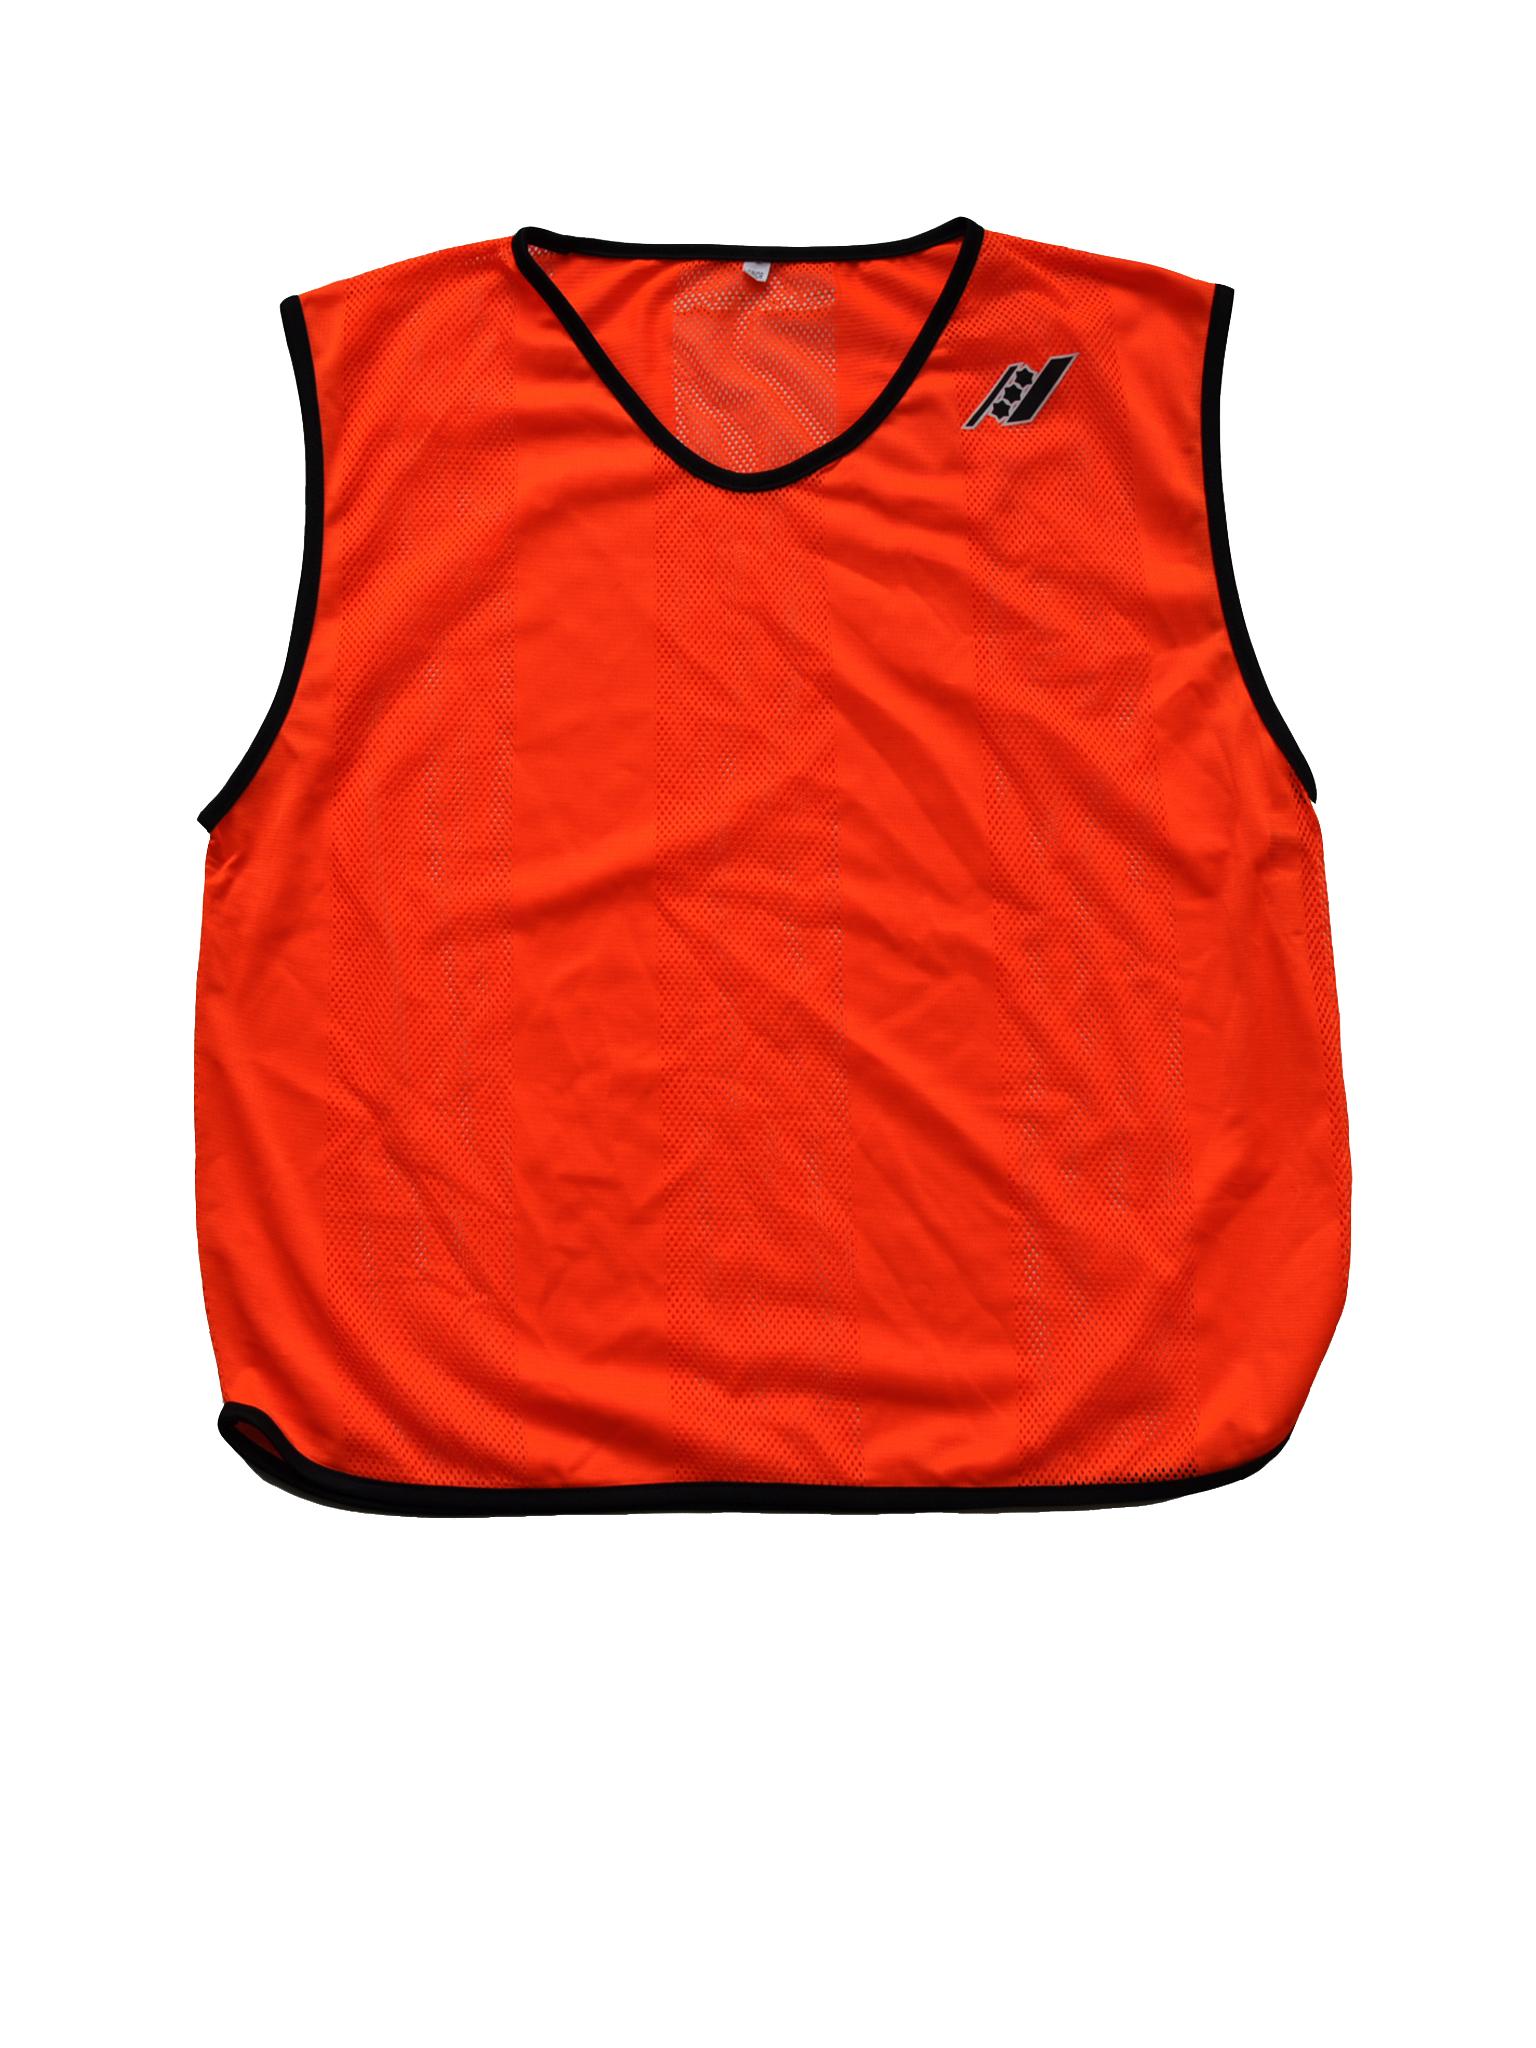 Image of   Rucanor Energy Training Vest - Neon Orange - Junior